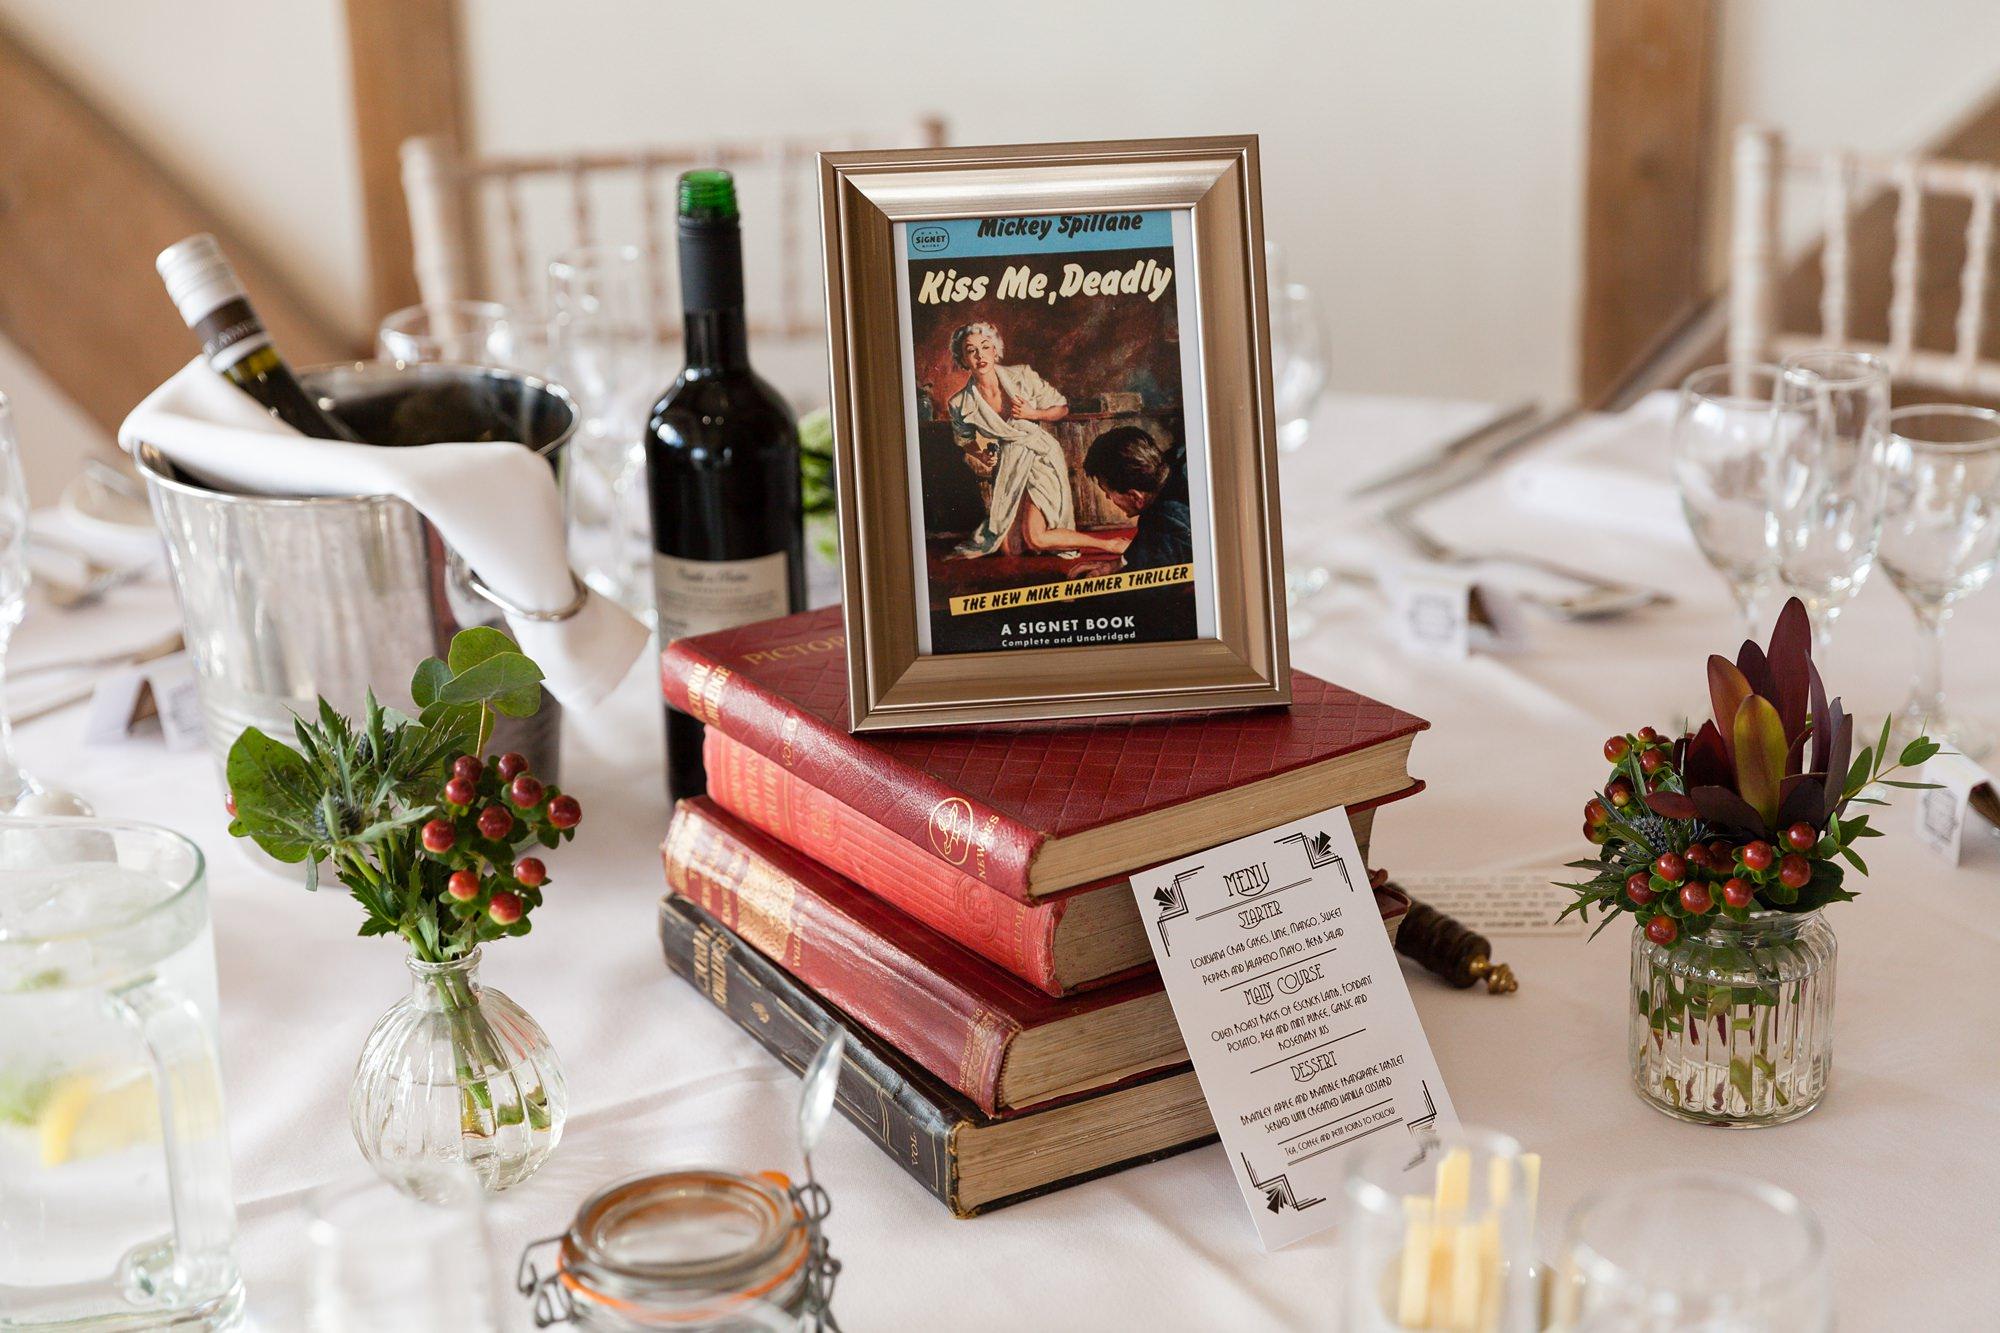 Detetctive Novel 1920's wedding theme Raymond Chandler novel cover